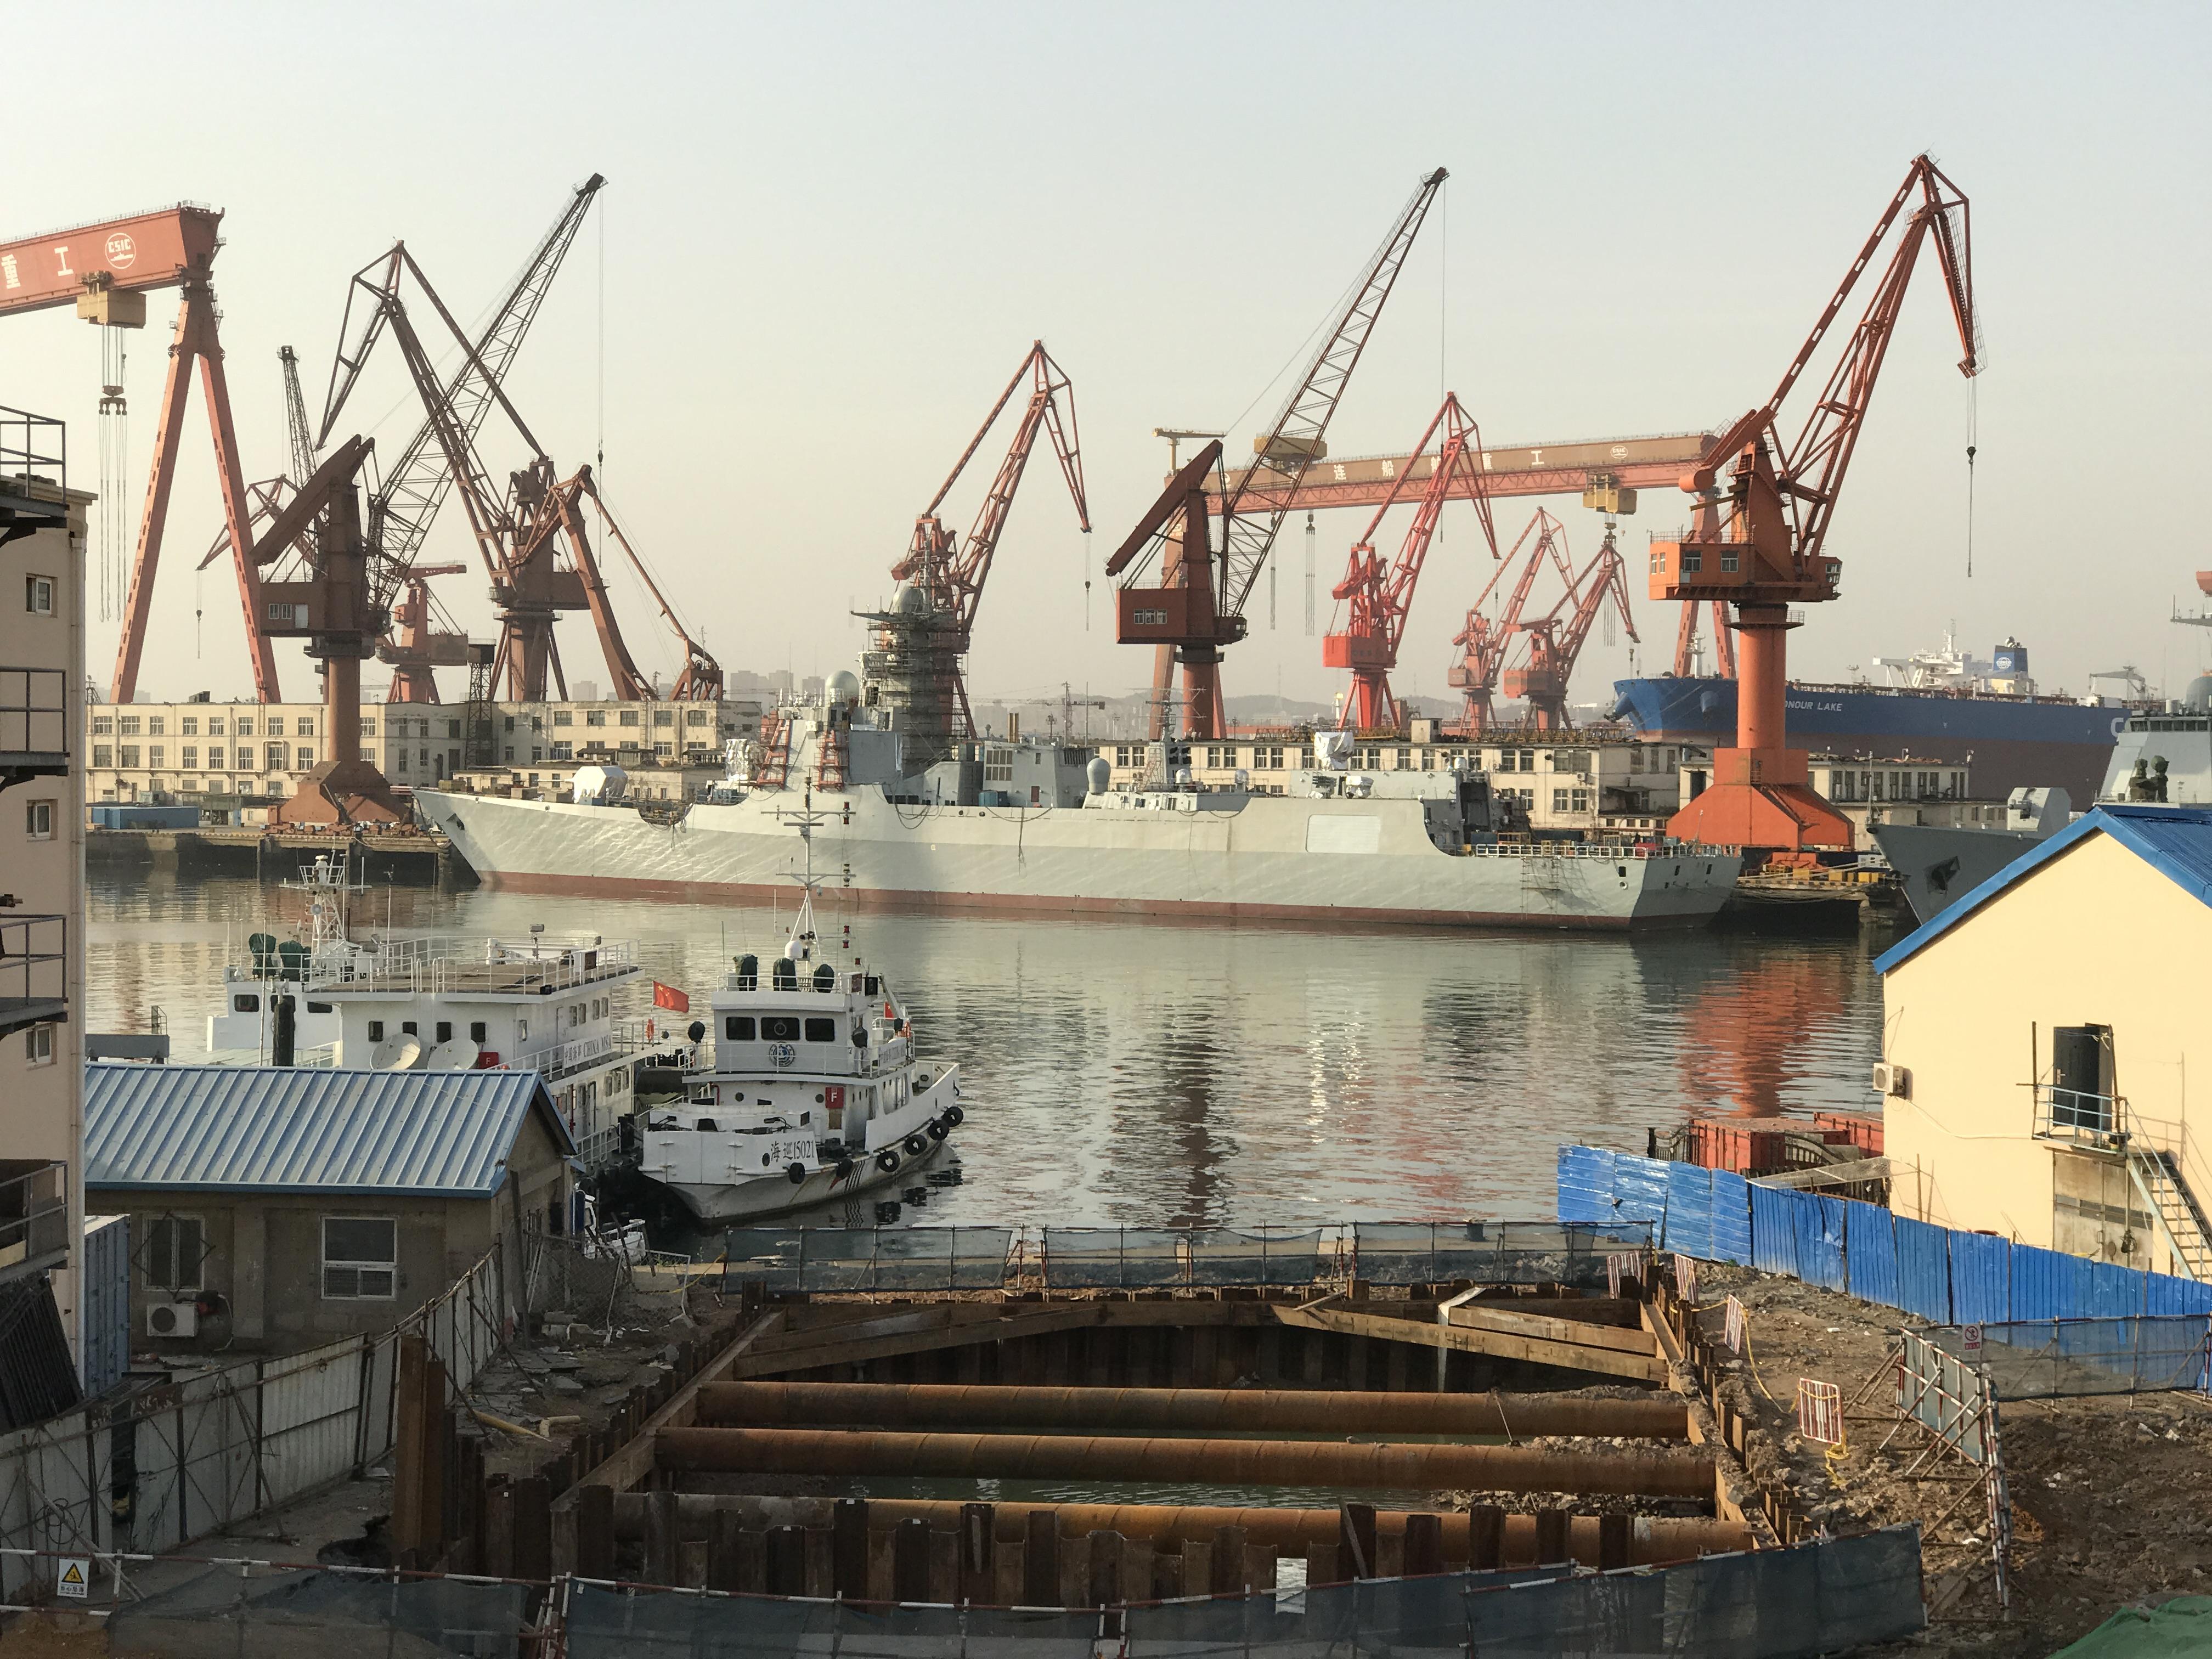 美称中国建造军舰速度不可思议 毫无停止的信号